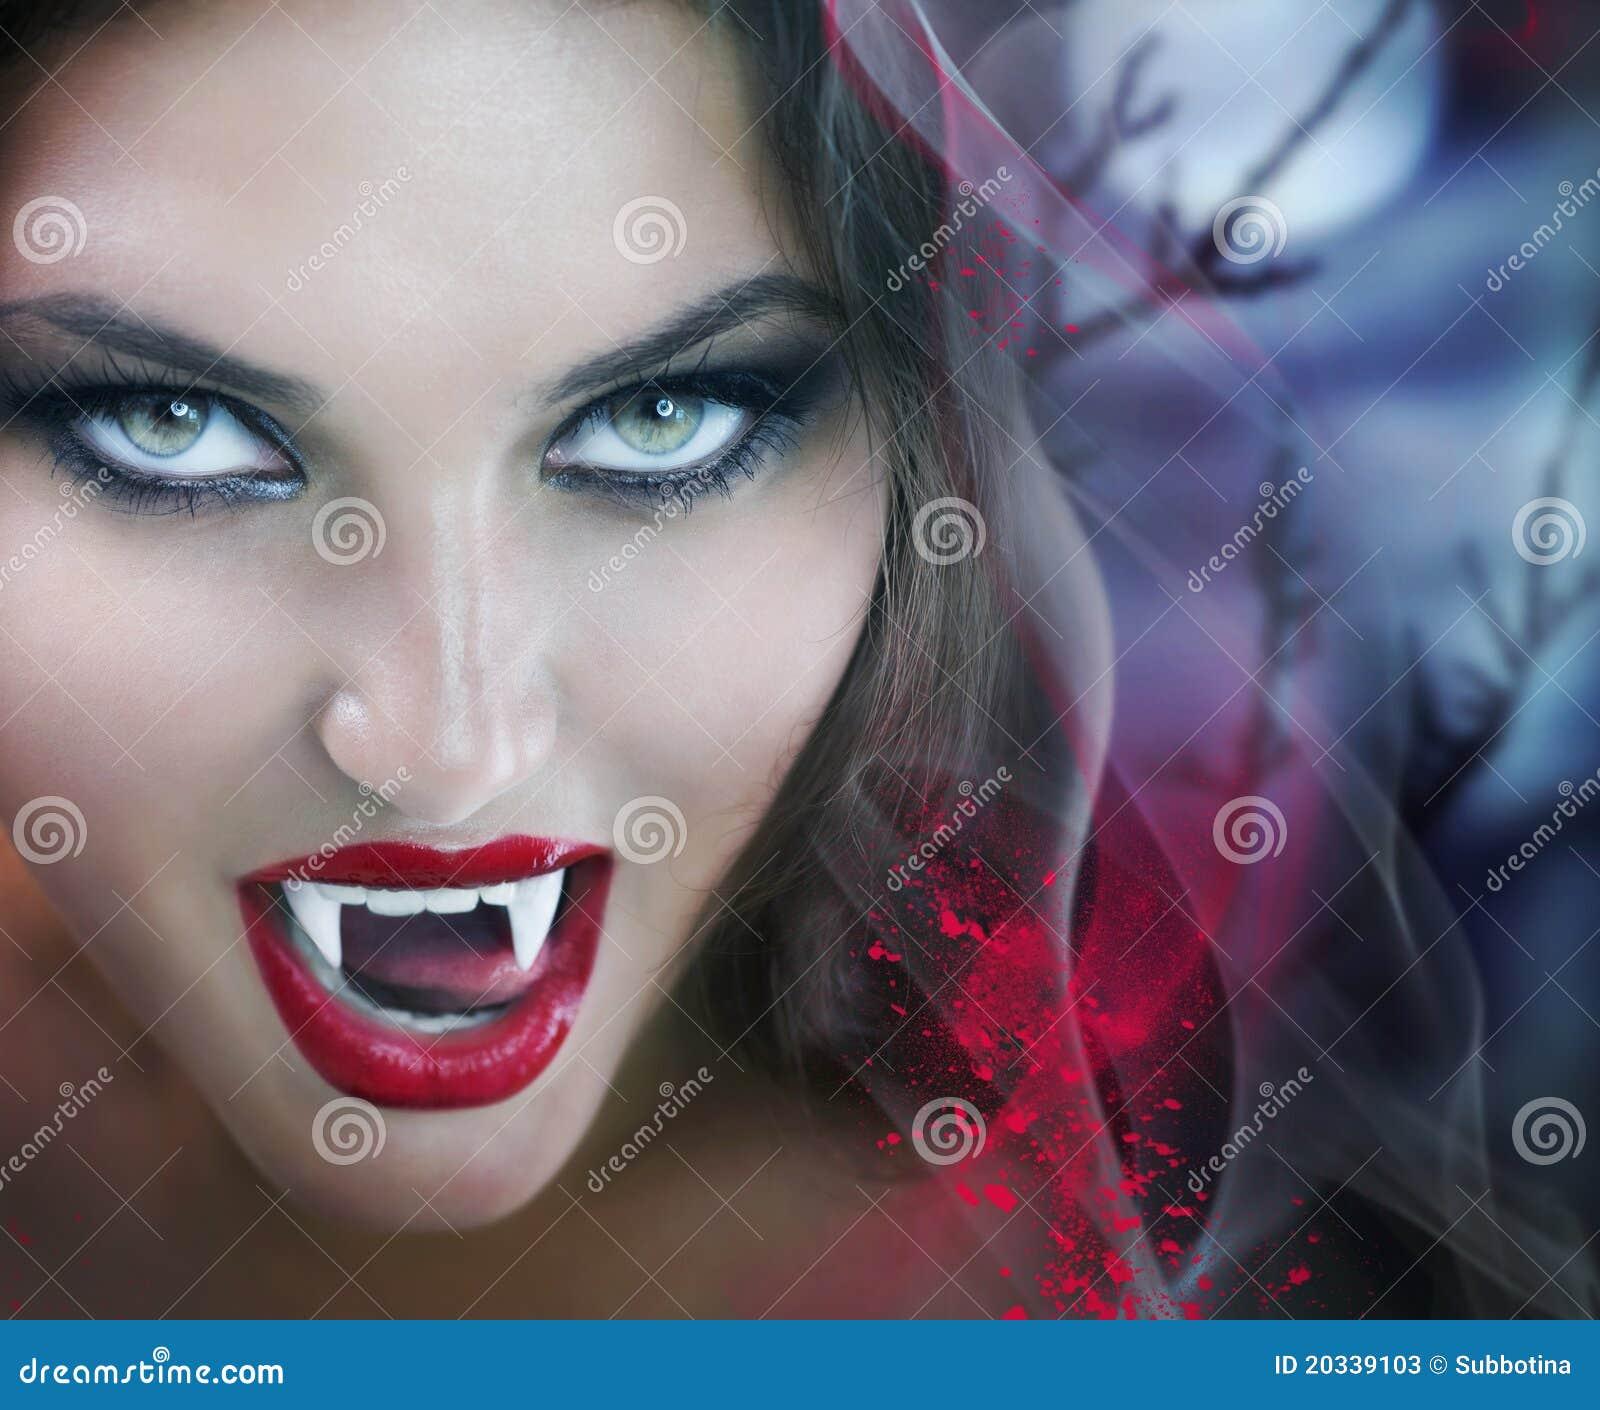 vampir styling